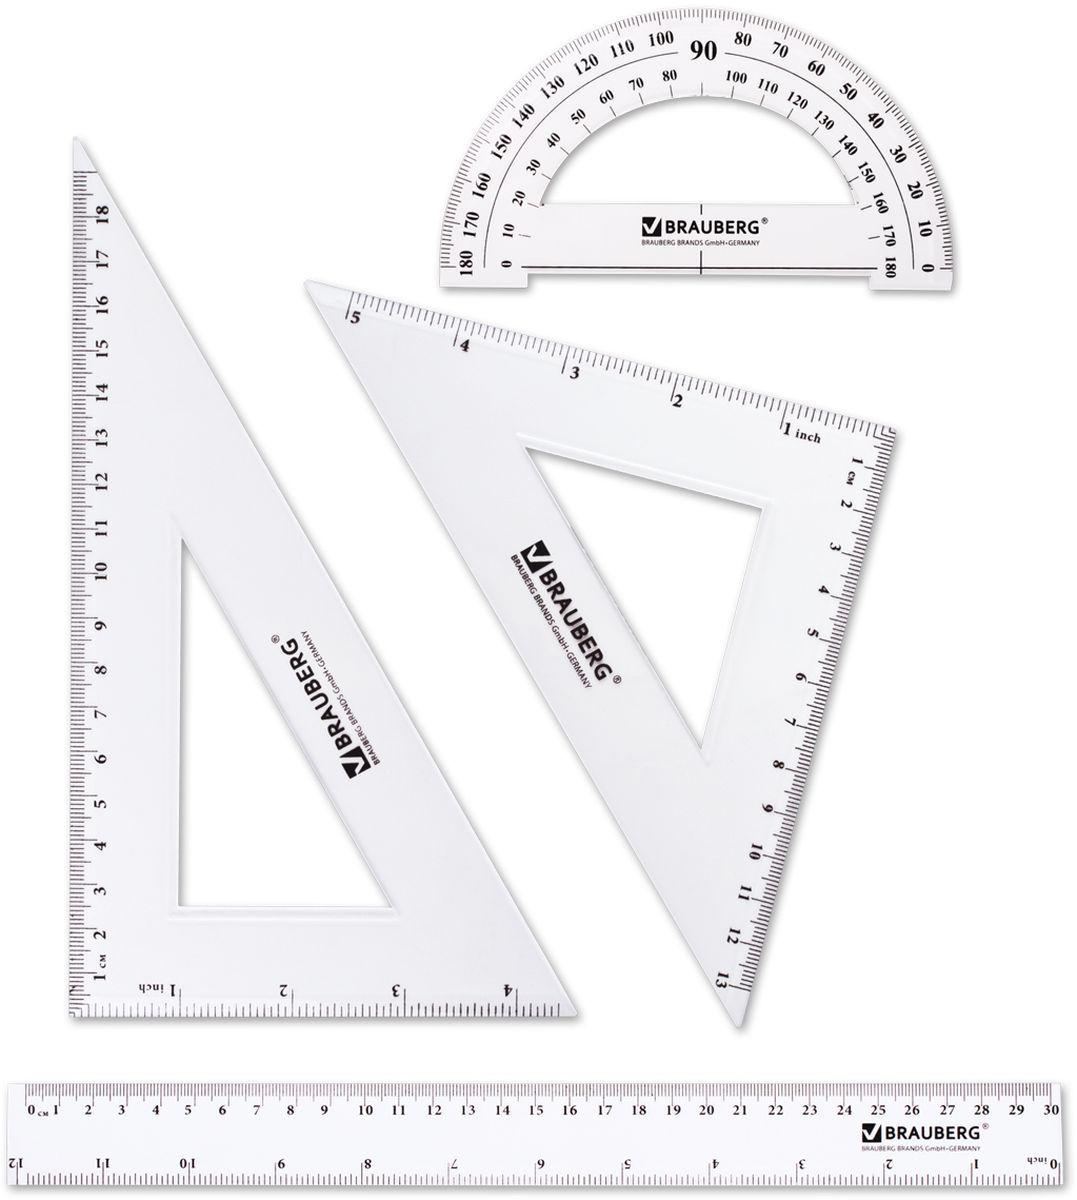 Brauberg Набор чертежный 4 предмета 210308FS-00103Набор геометрический Brauberg из прозрачного, прочного пластика толщиной 2 мм. Предназначен для чертёжных работ.Набор включает в себя четыре предмета: линейка со шкалами 30 см/12, треугольник с углами 30°/60° и шкалами 19 см/4, треугольник с углами 45°/45° и шкалами 13 см/5, транспортир 180°.